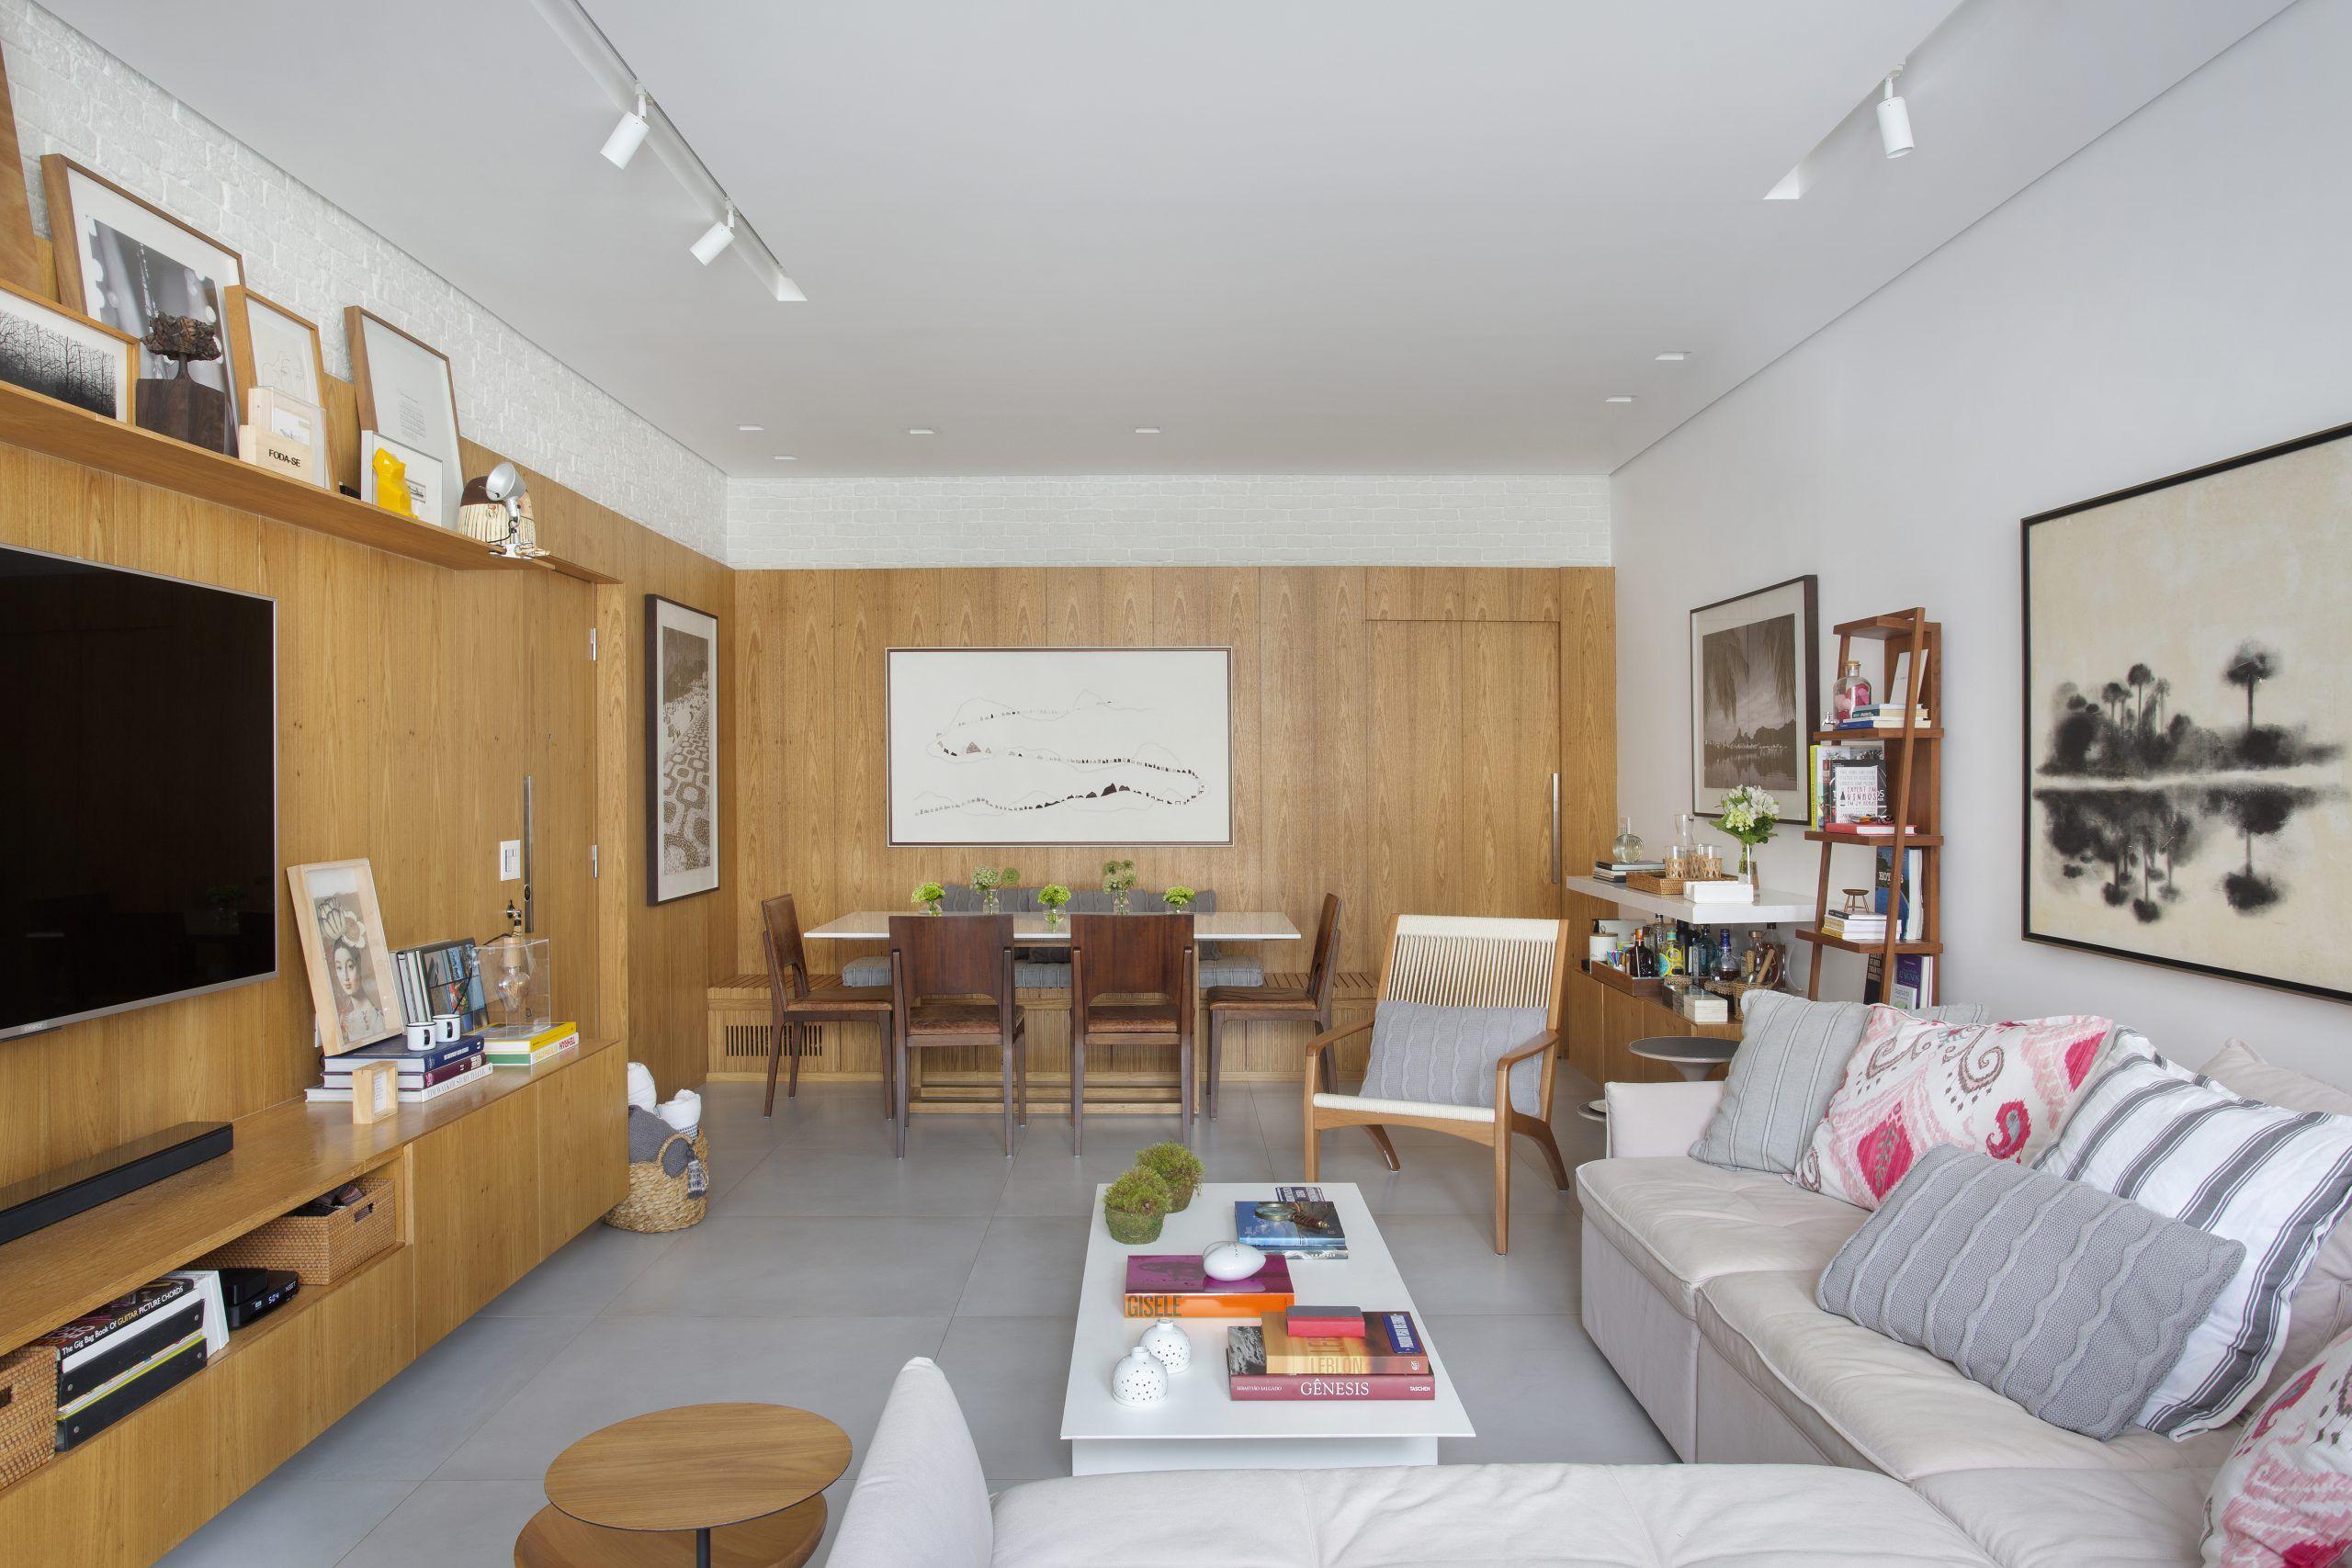 Reforma adiciona três suítes em apartamento antigo